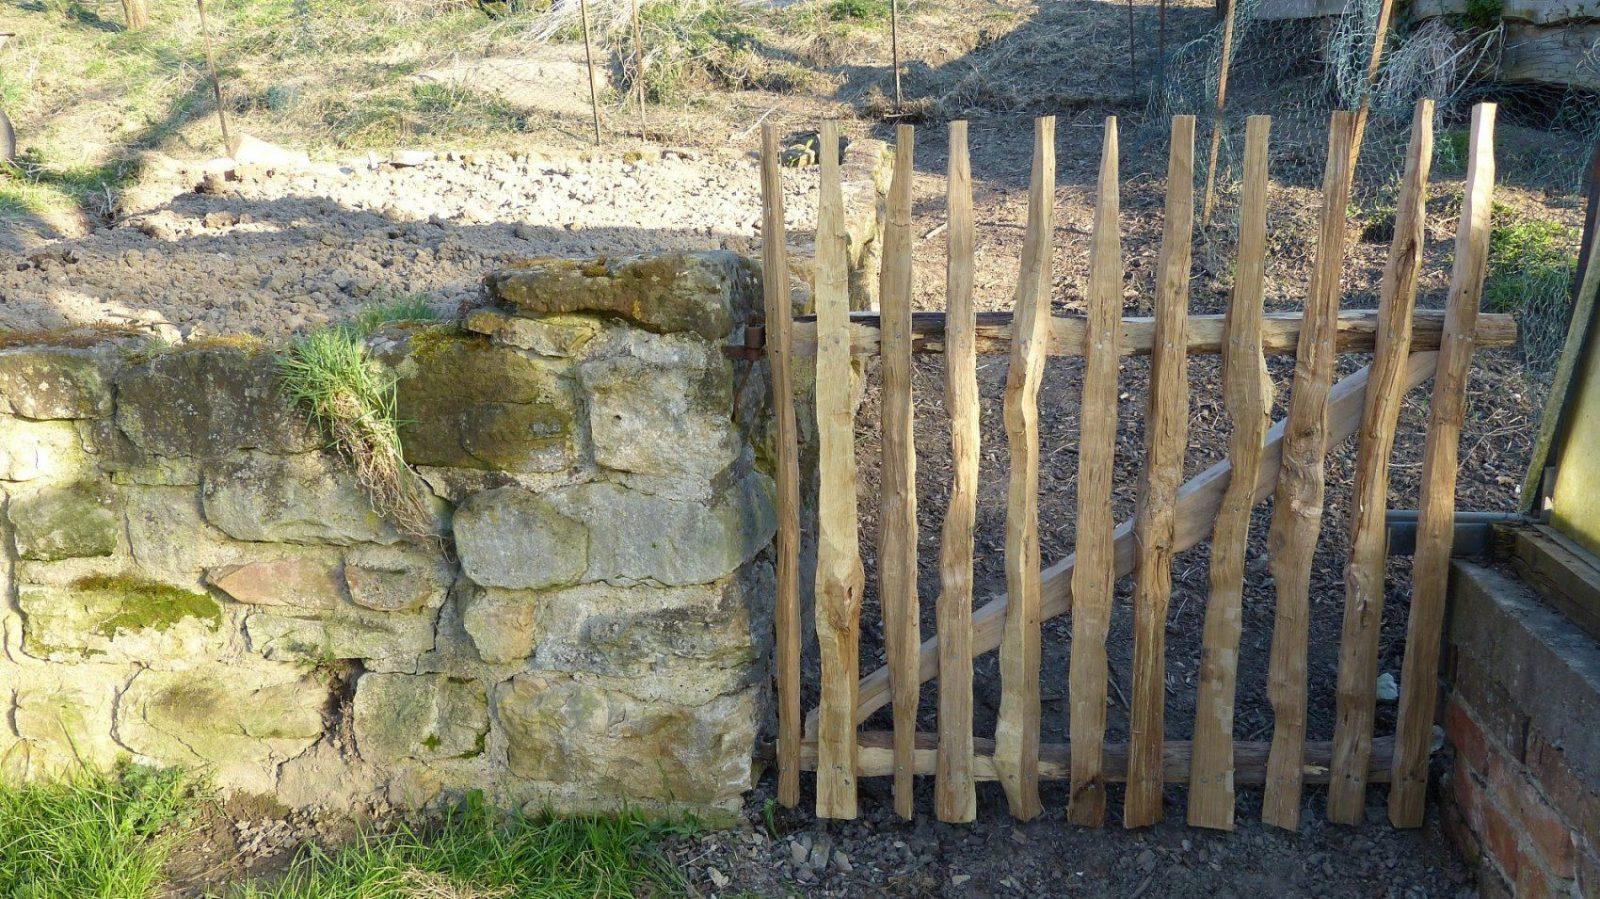 Gartengestaltung Gartentor Naturzaun  Holzzaun Selber Bauen  Youtube von Gartentor Aus Holz Selber Bauen Photo